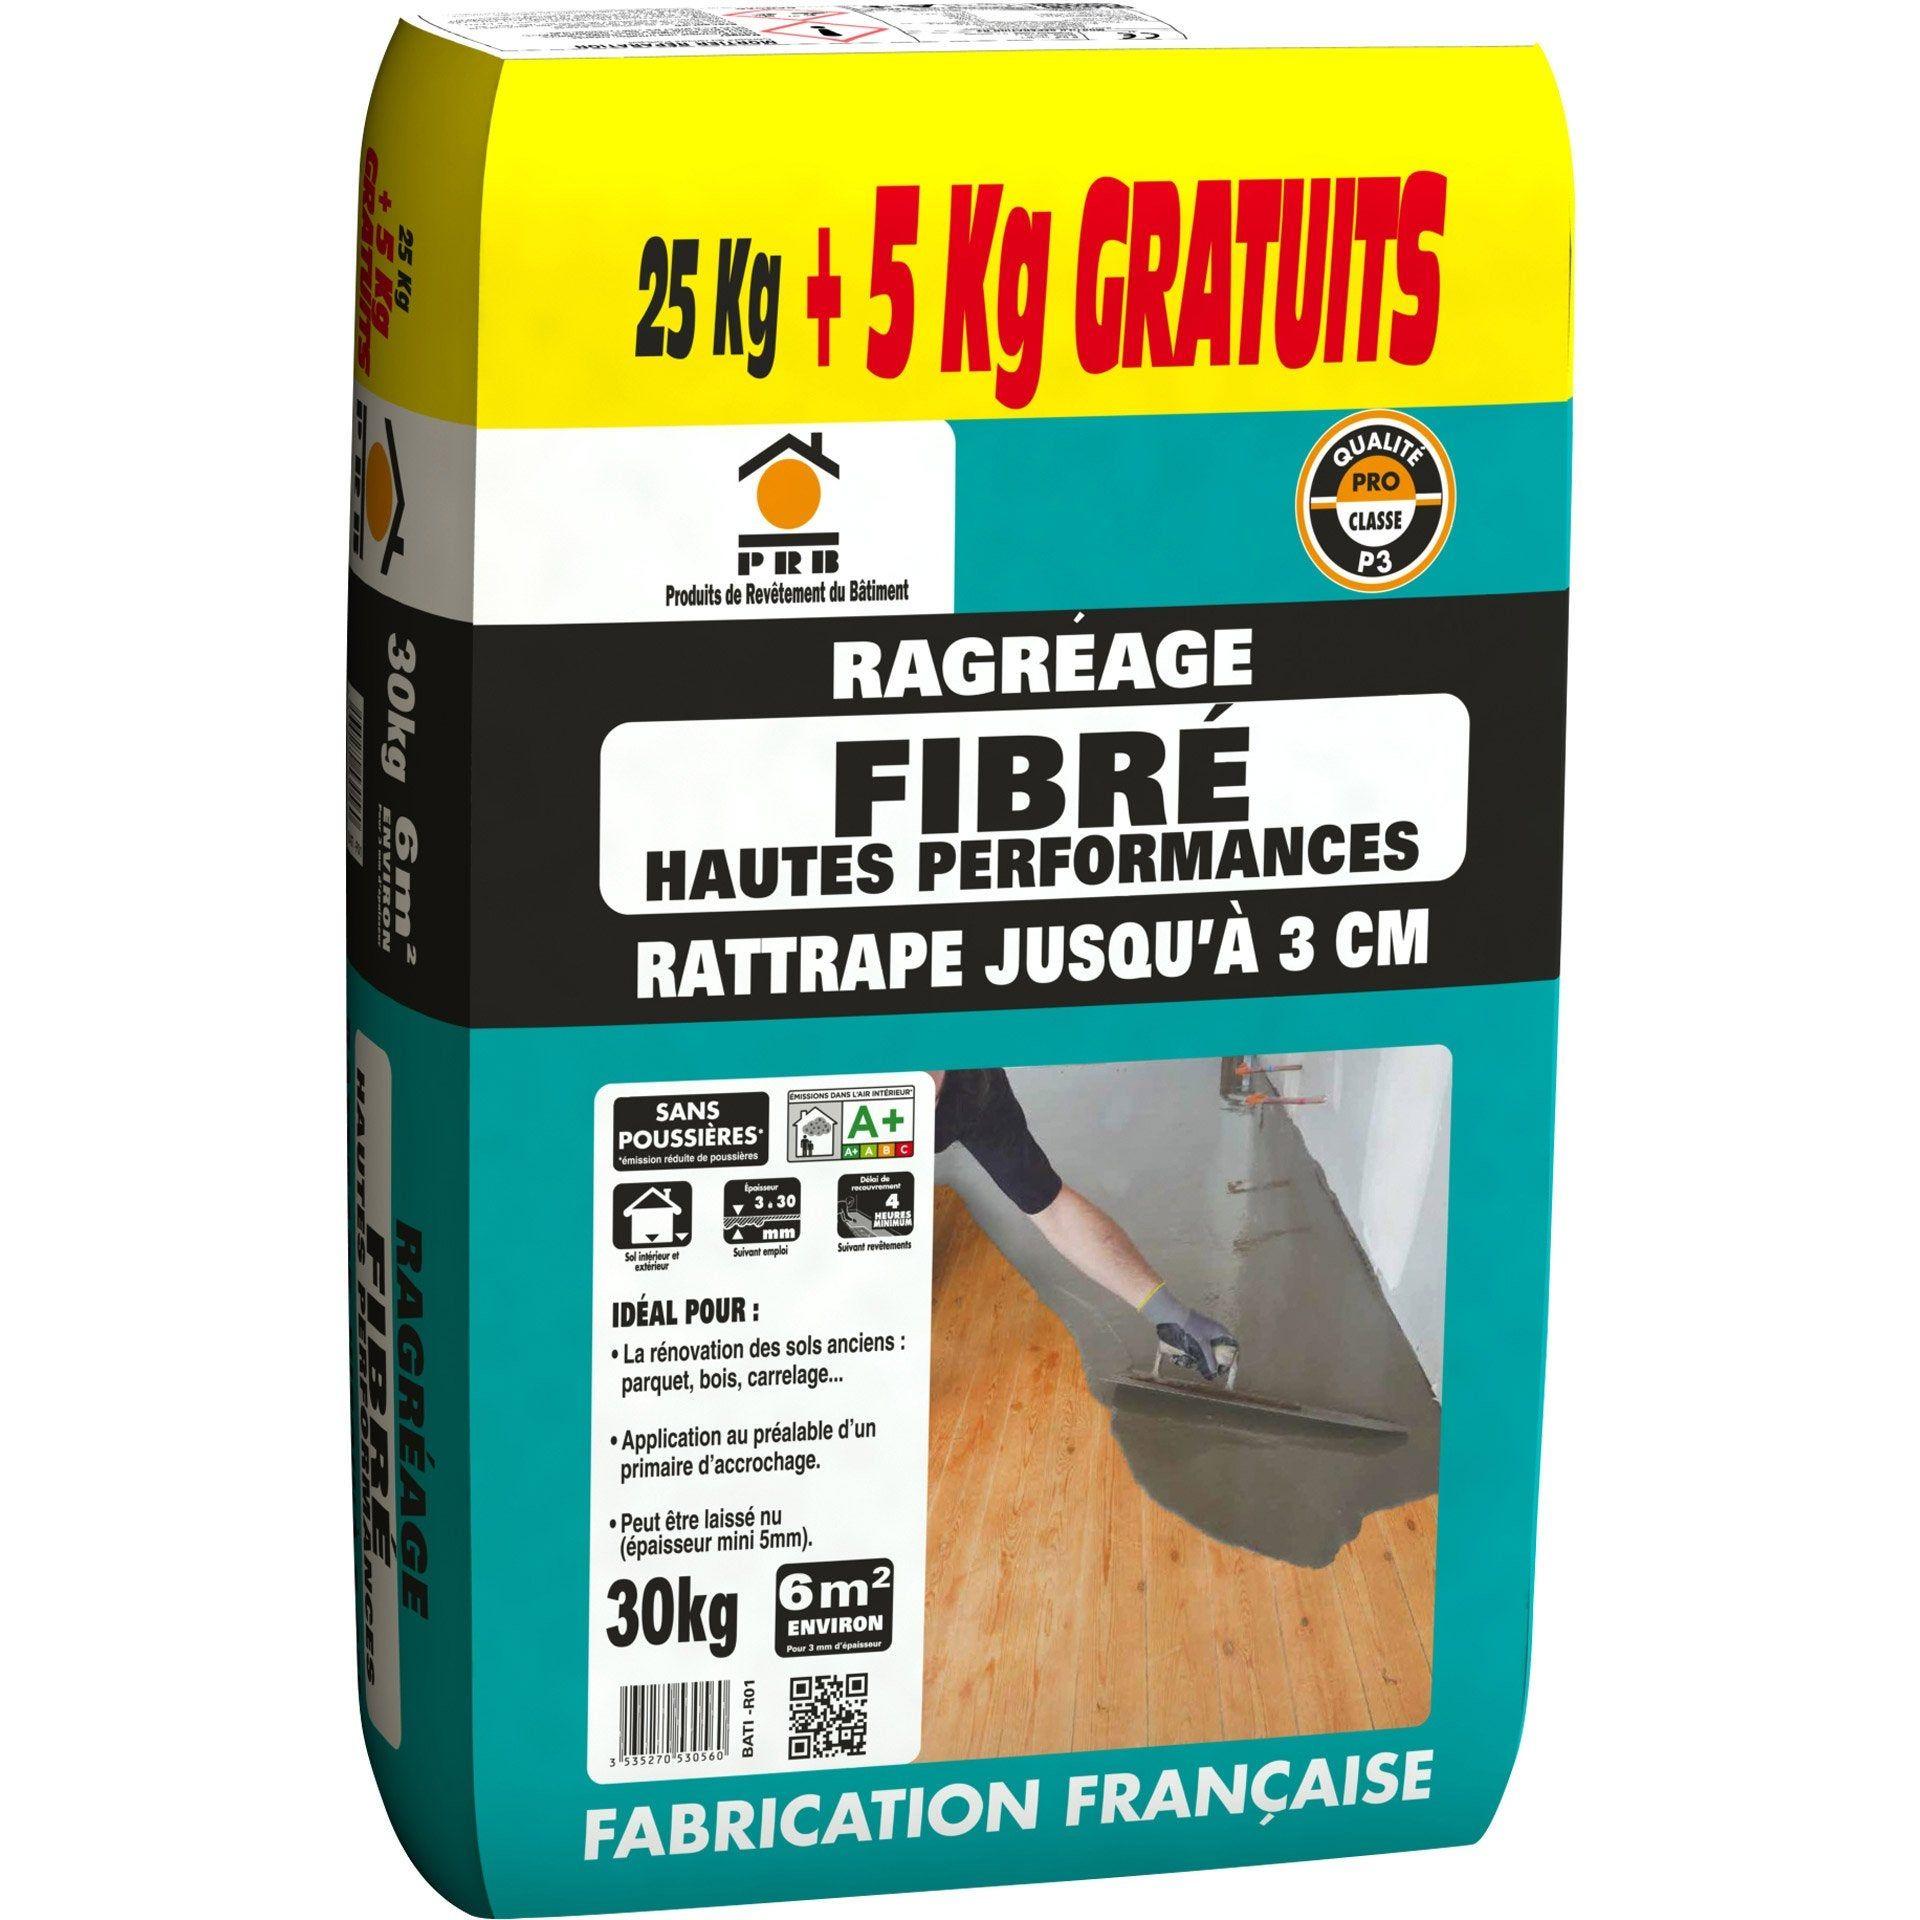 Ragreage Fibre Hautes Performances Prb 30 Kg Fibre Haut Sdb